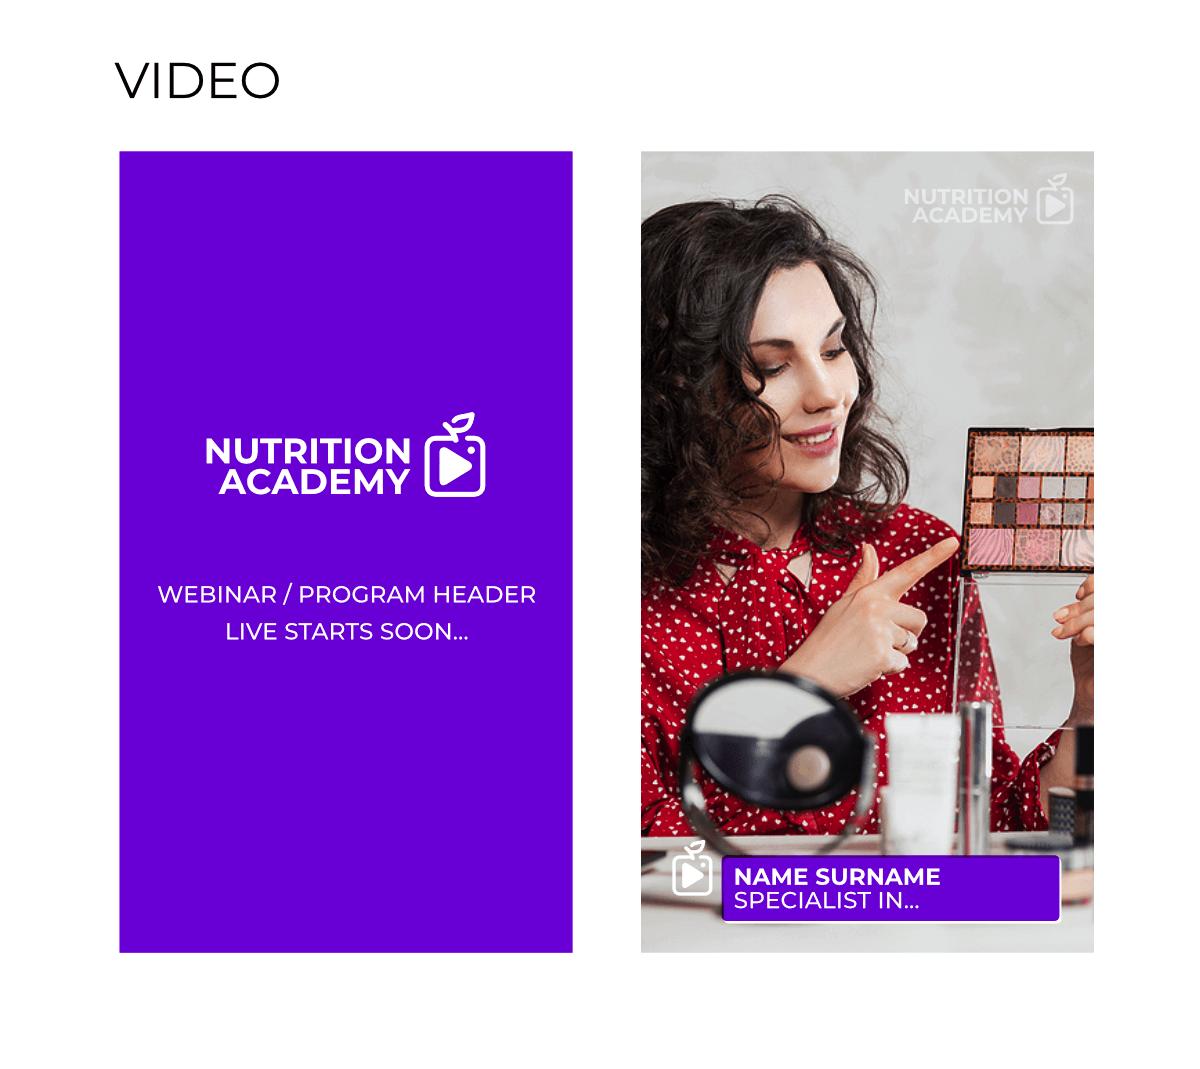 NutritionAcademy logo12 1 1